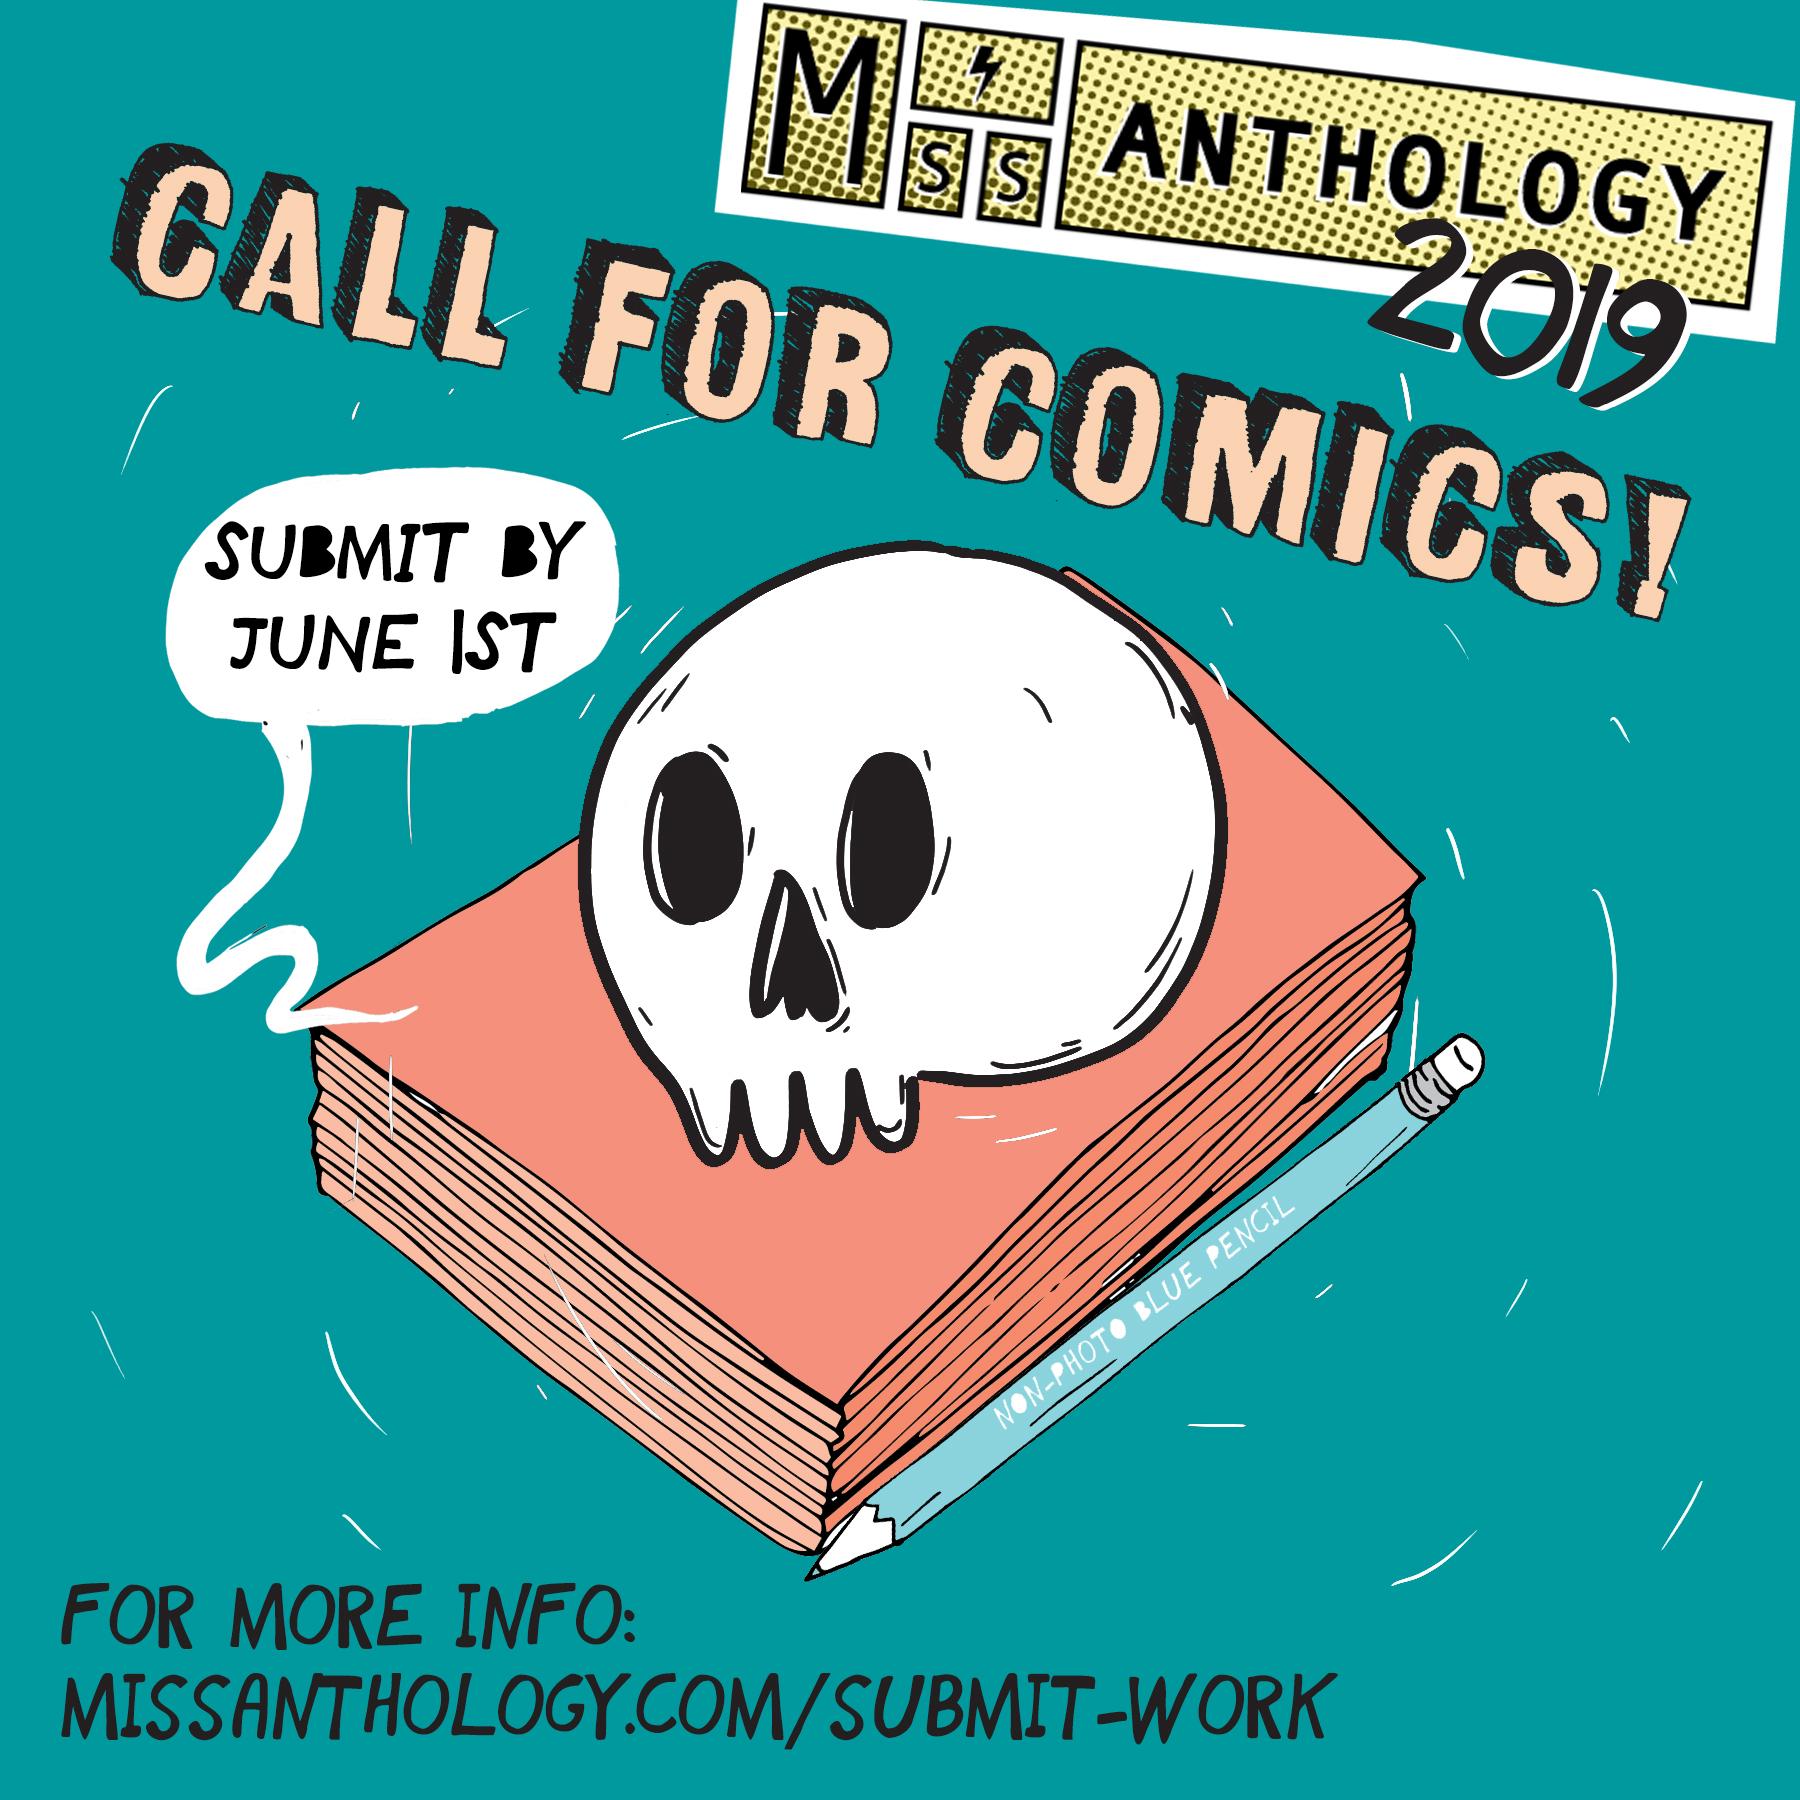 2019 call for comics